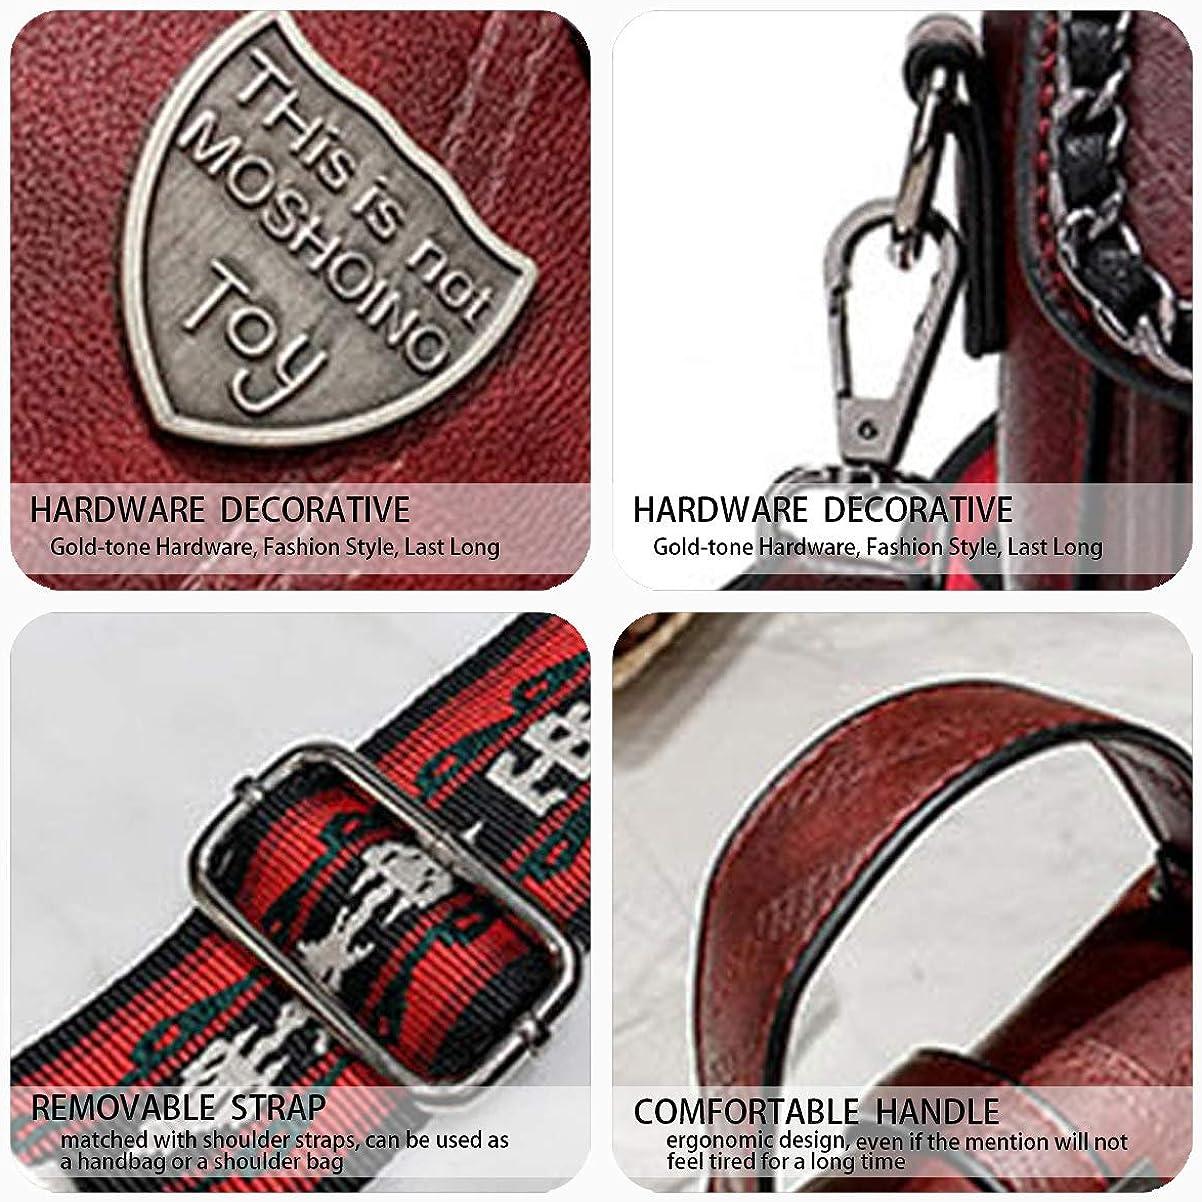 DEERWORD Womens Top-Handle Bags Handbags Hobos Shoulder Bags PU Leather Convertible